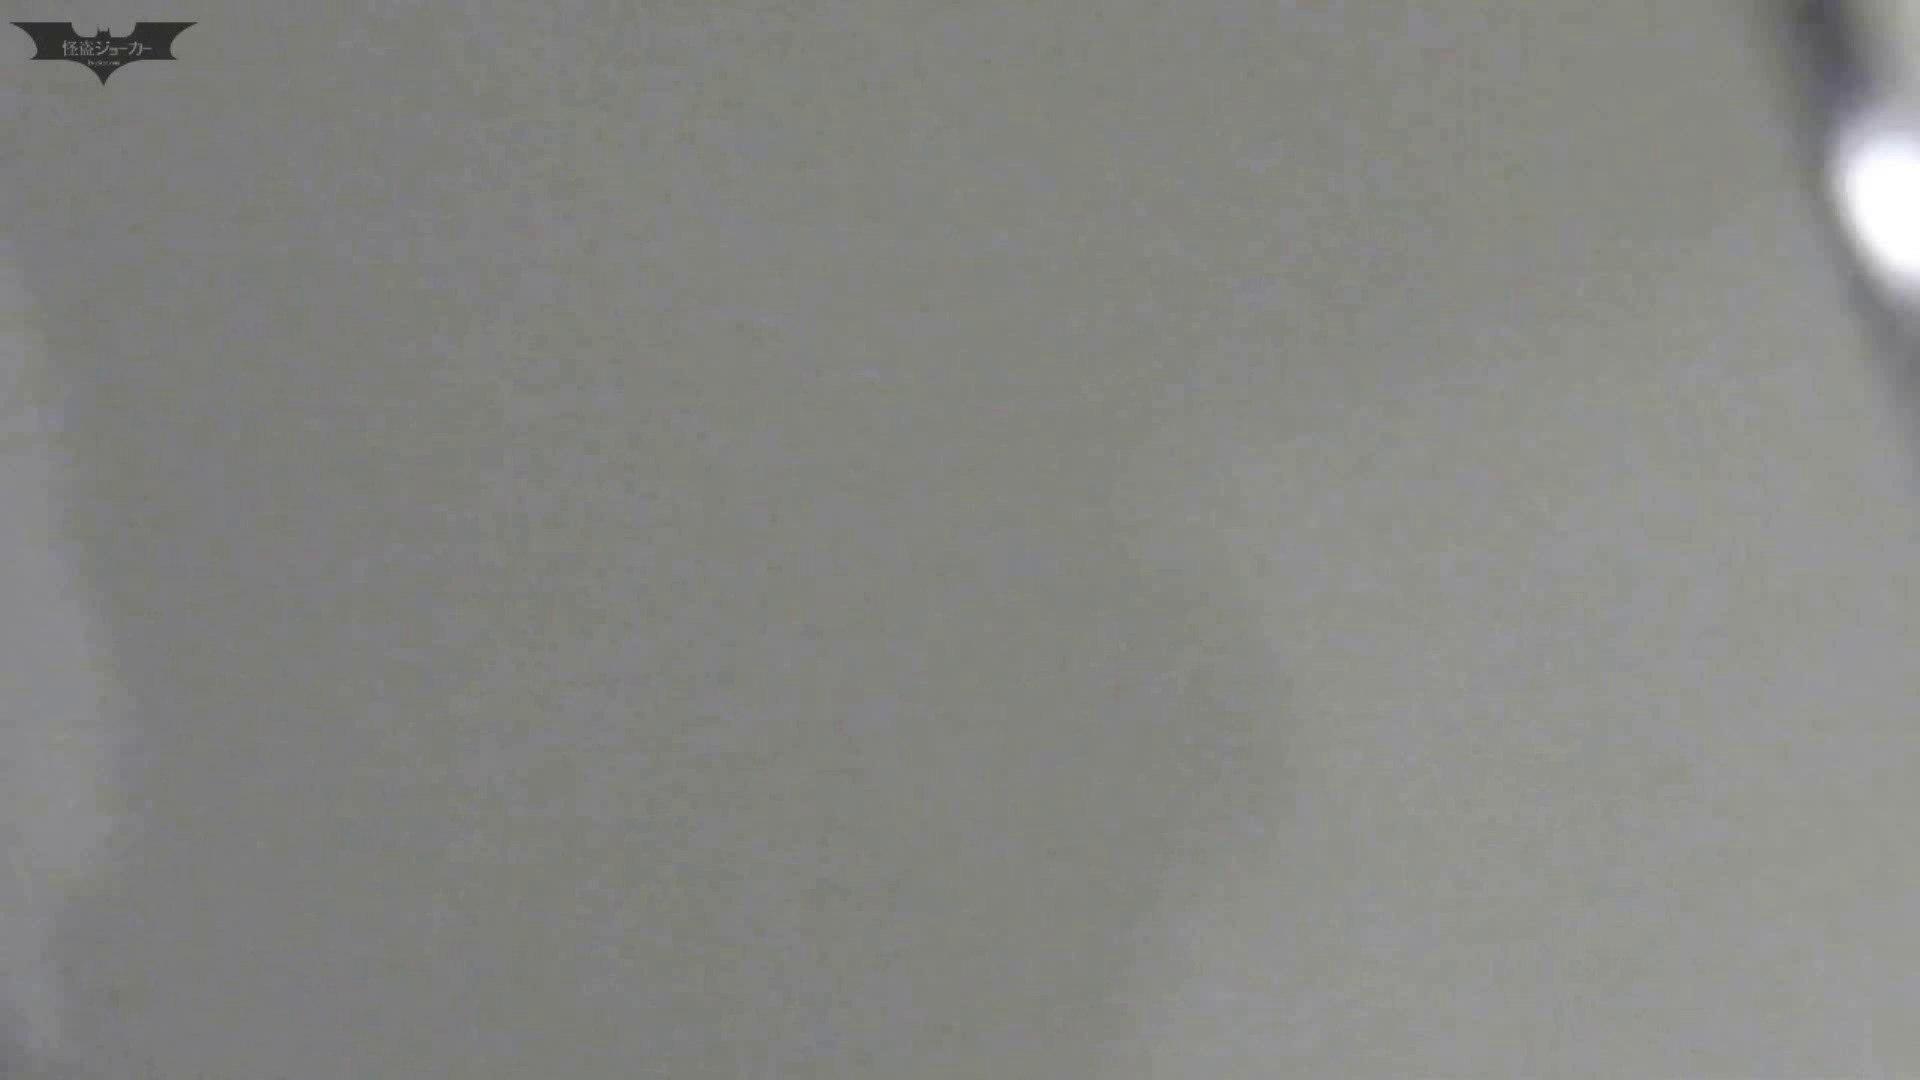 新世界の射窓 No68 洋式の腰の突き出し具合。エッロいです!! ギャル達 AV無料動画キャプチャ 99枚 47